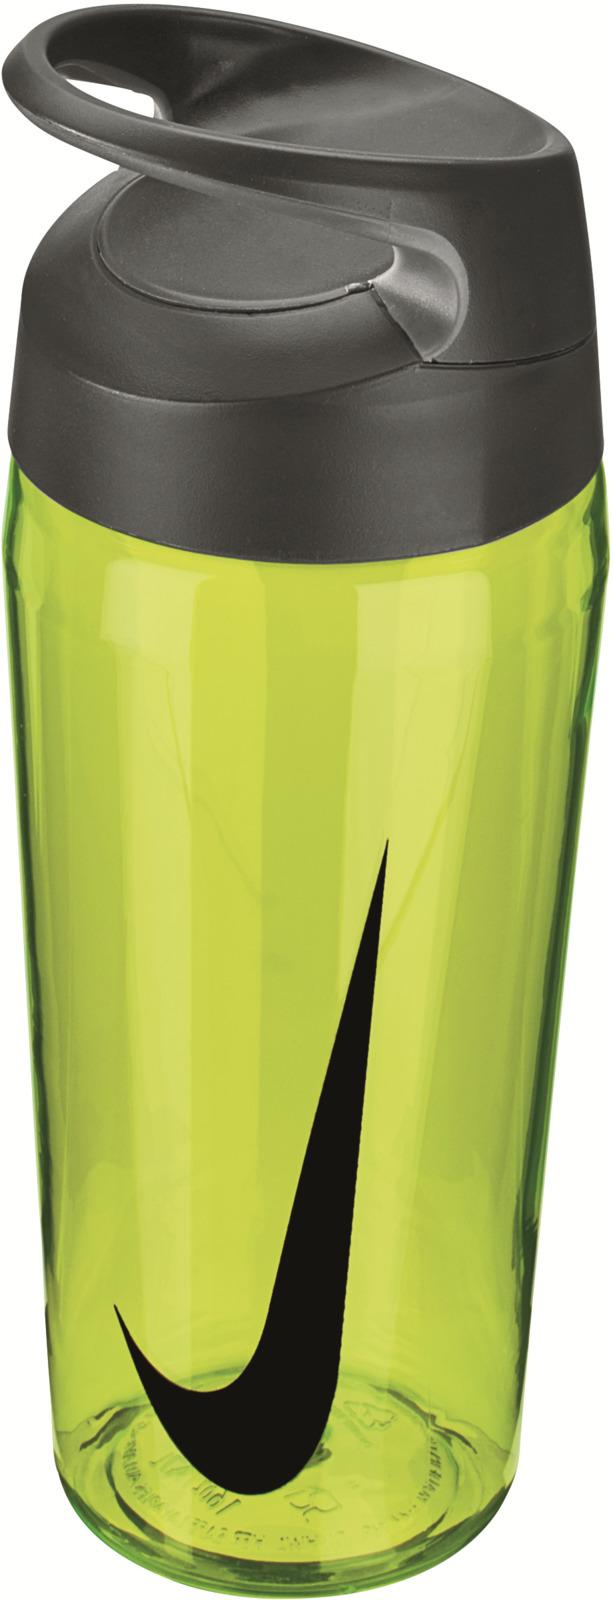 Бутылка для воды Nike TR Hypercharge Twist, цвет: желтый, серый, черный, 473 мл